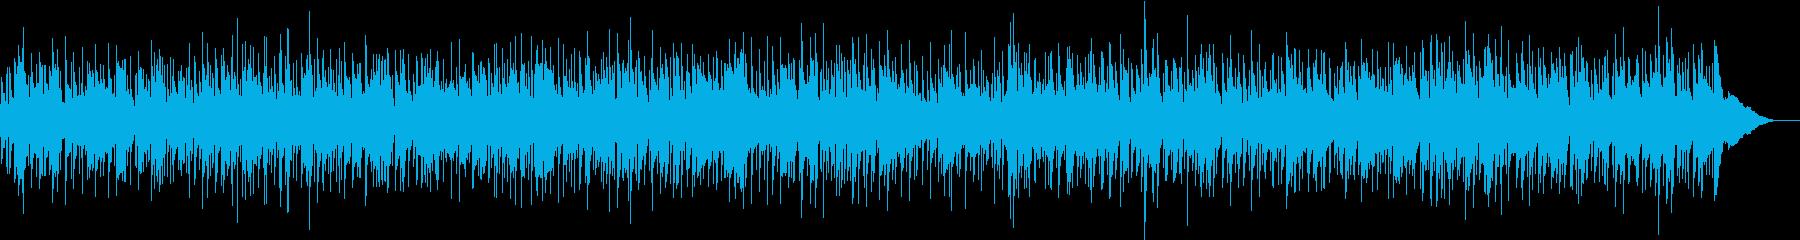 哀愁のあるハーモニカ中心のフォークバンドの再生済みの波形